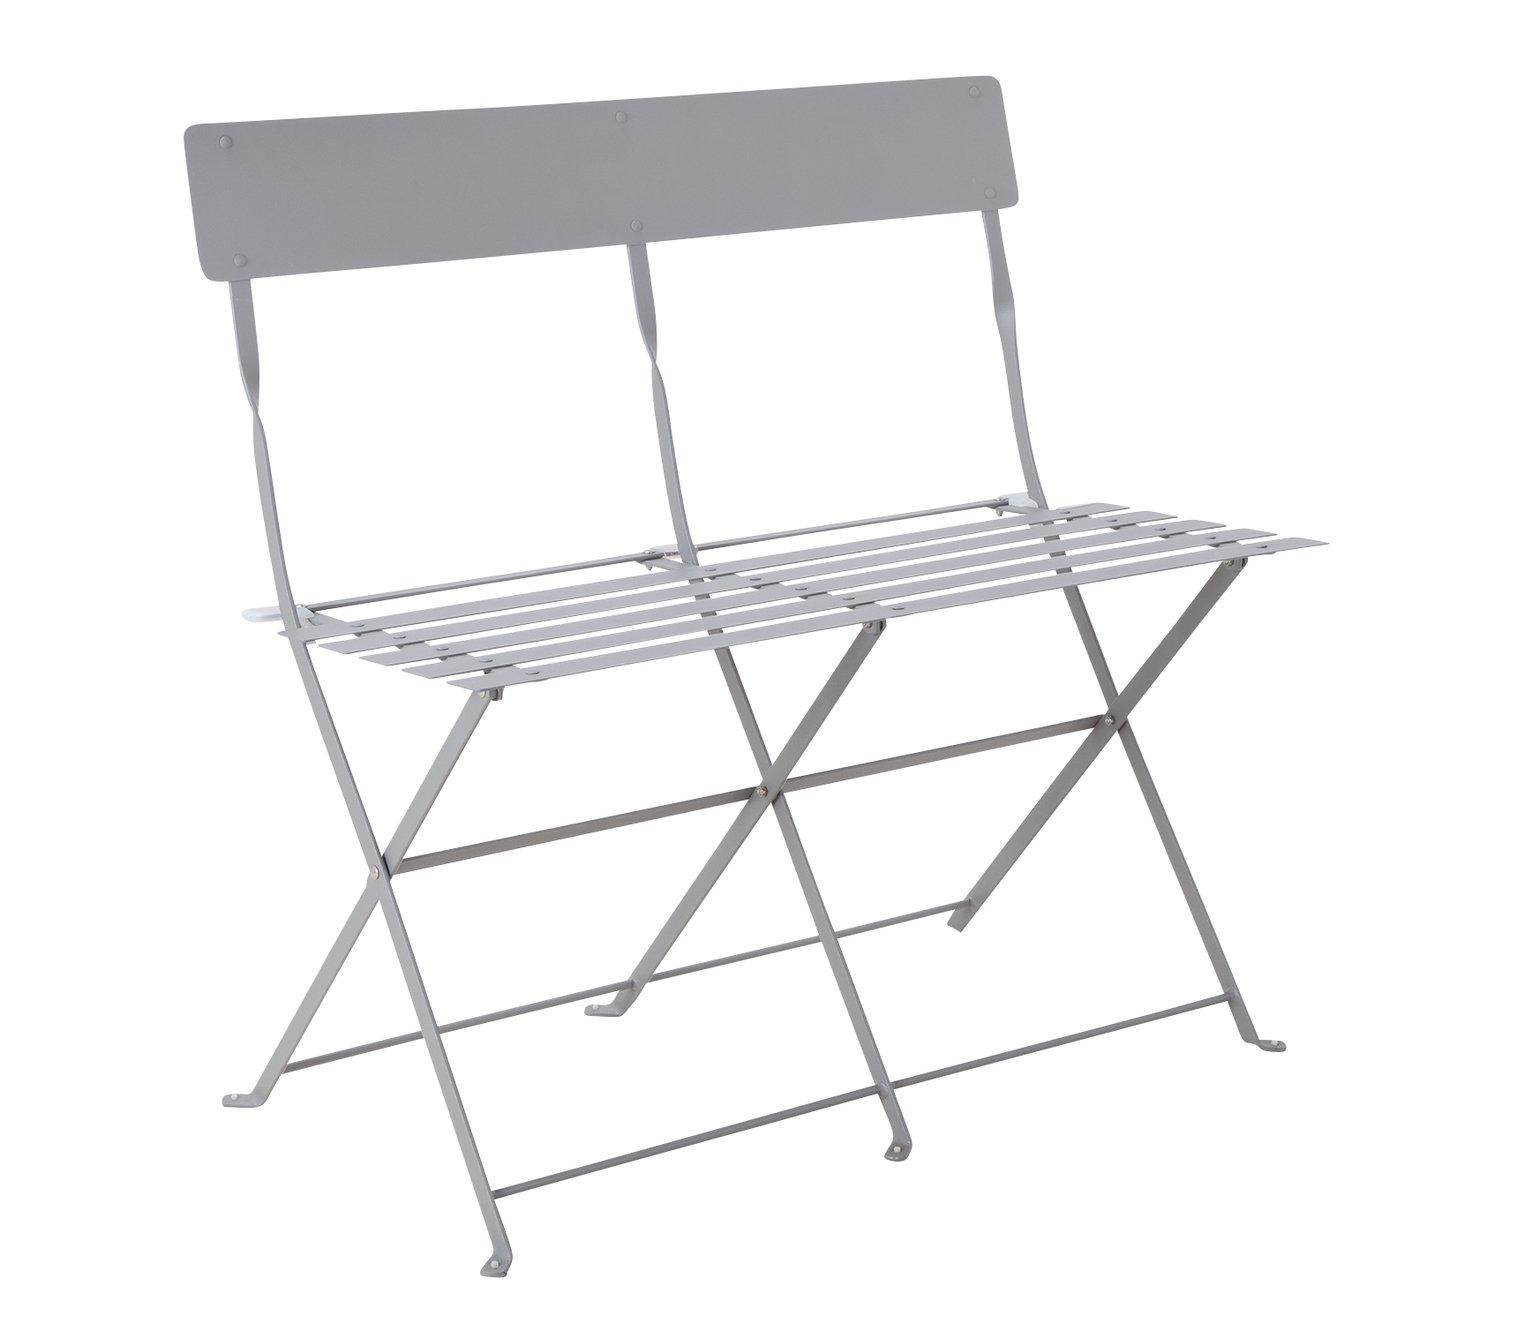 Argos Home Eve Metal 2 Seater Garden Bench - Grey